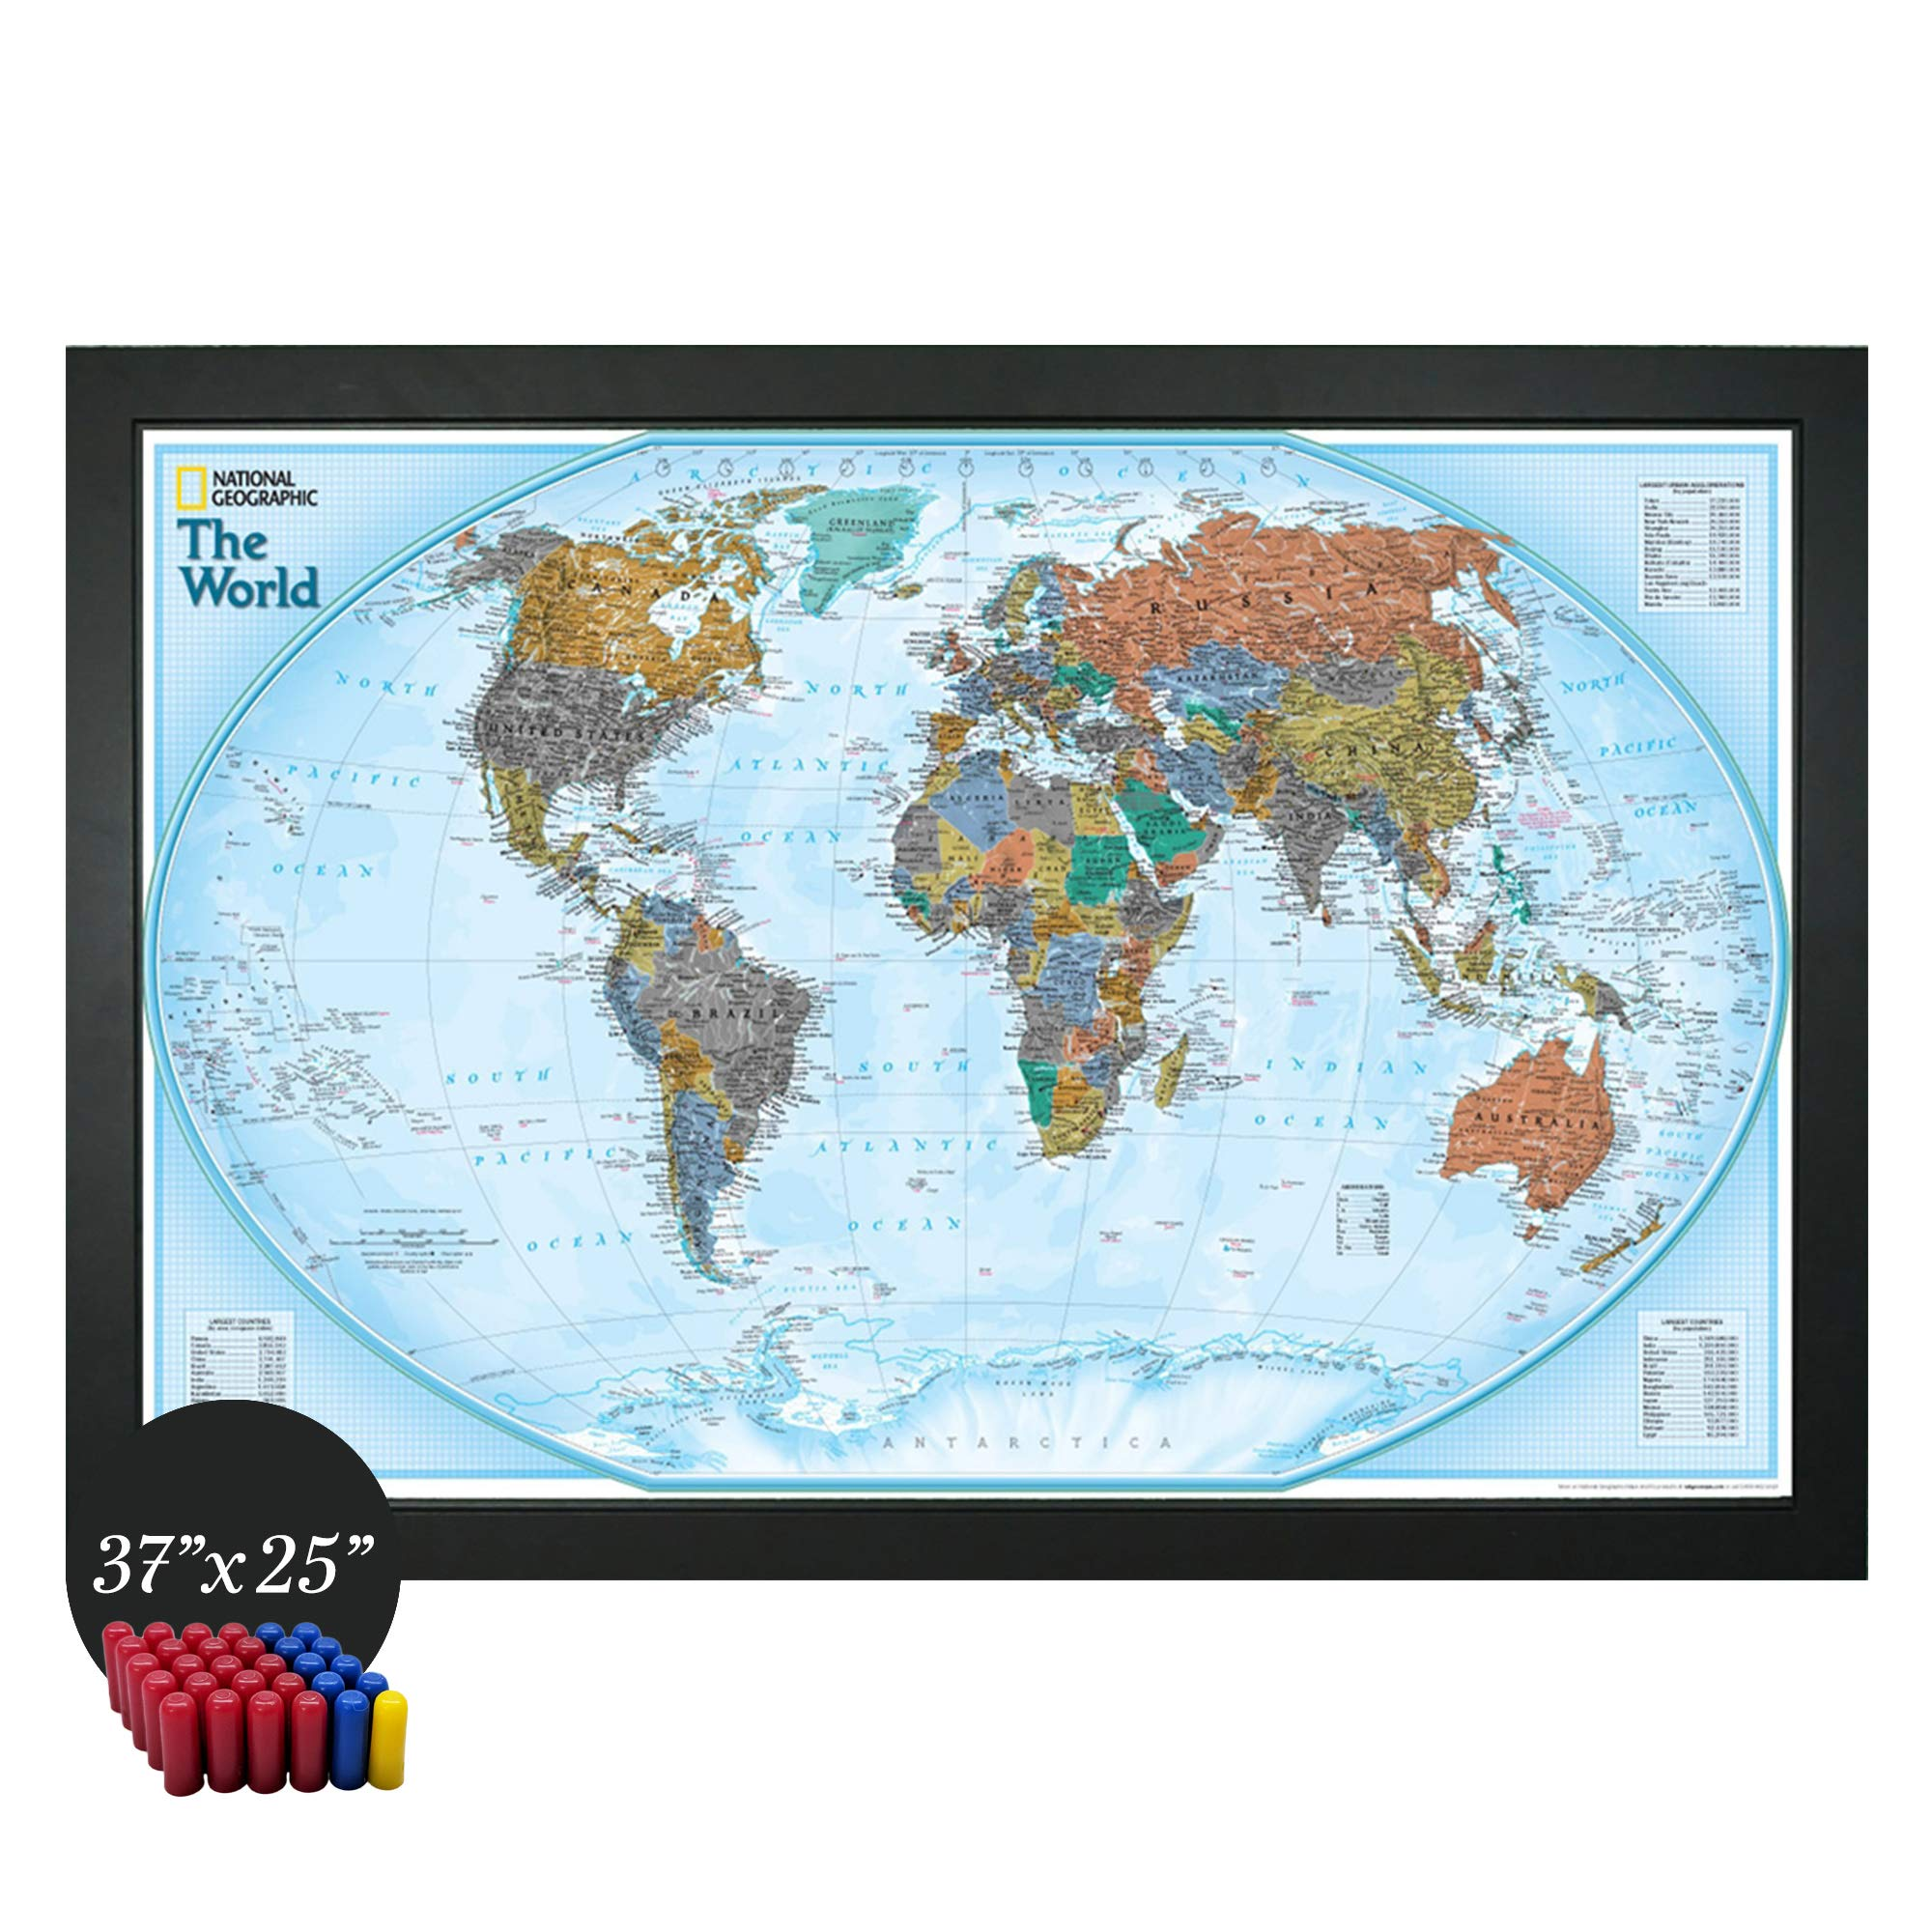 Mapa del mundo interactivo nacional geográfico de Home Magnetics | Mapa geográfico magnético enmarcado | 30 marcadores incluidos: Amazon.es: Oficina y papelería